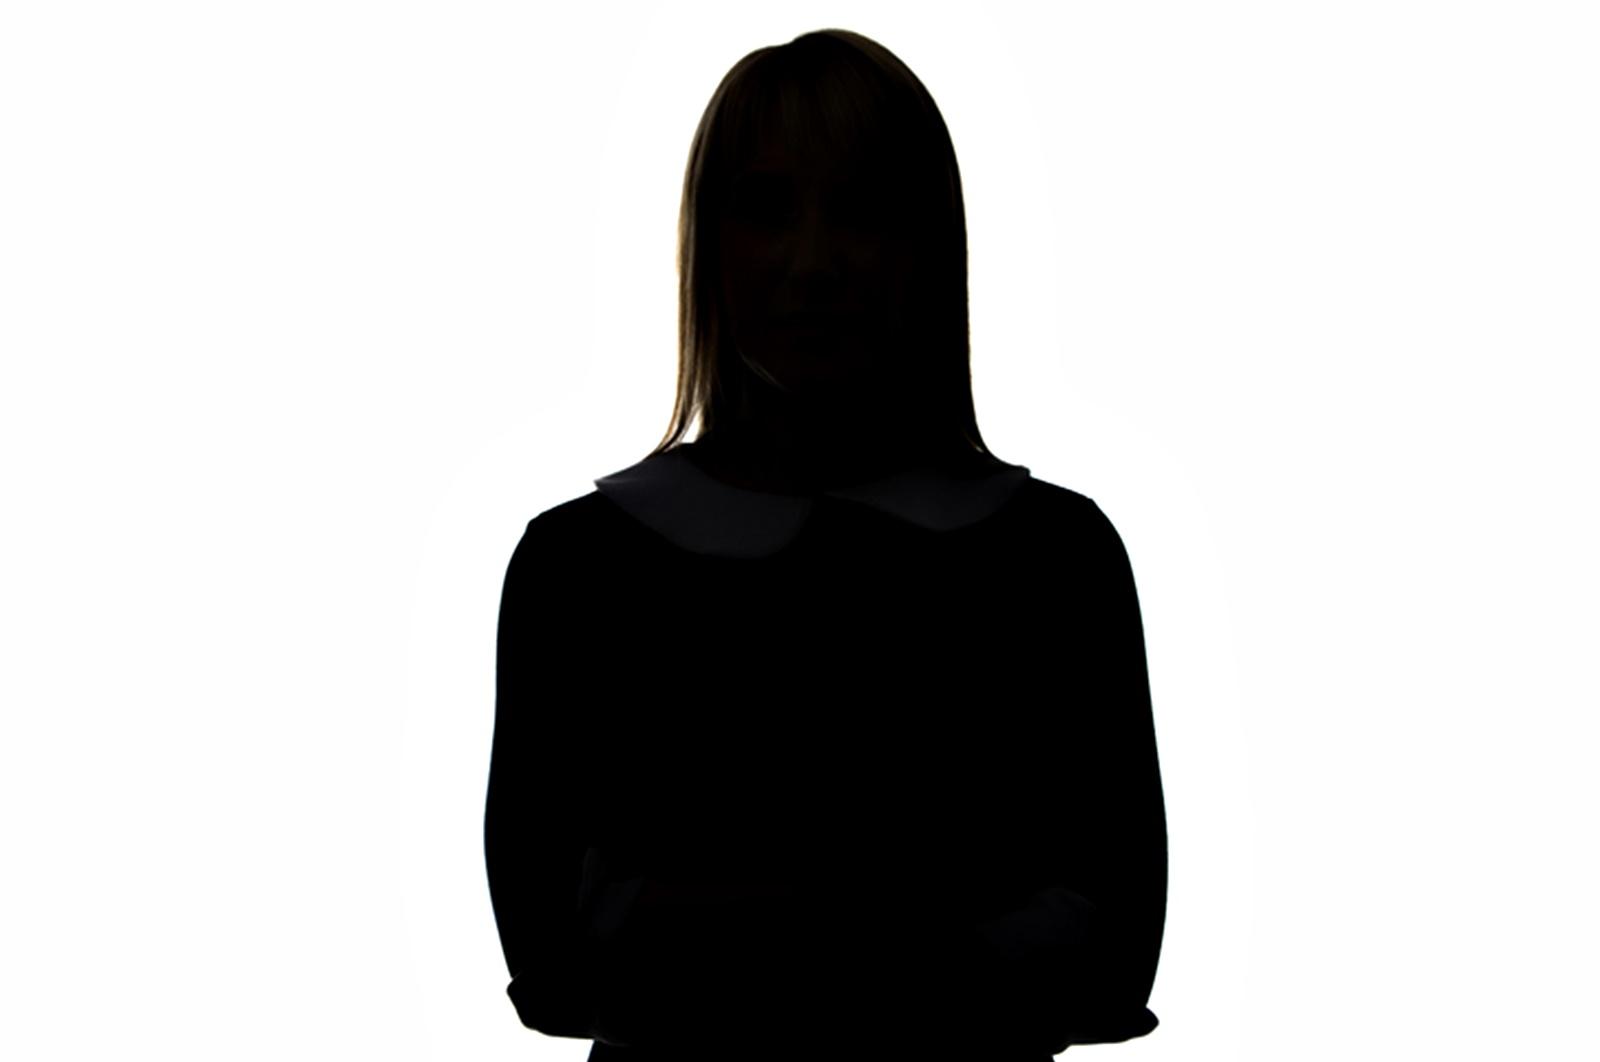 Животът на Глория Рамирез бил сравнително нормален, но странният начин, по който умира, ѝ спечелва място сред странниците, за които ви разказваме. На 19 февруари 1994 г. Глория Рамирез е приета в болница в Калифорния, с учестен пулс, ниско кръвно налягане и неспособност да формира изречения. 31-годишната жена била в напреднал стадий на рак на матката на шийката и лекарите преценяват, че влошеното ѝ състояние се дължи на това. Те полагат всички усилия, за да я спасят, но не успяват. По тялото на жената е забелязана ярка мазна течност, а от устата ѝ се разнасяла странна миризма на плодове и чесън.